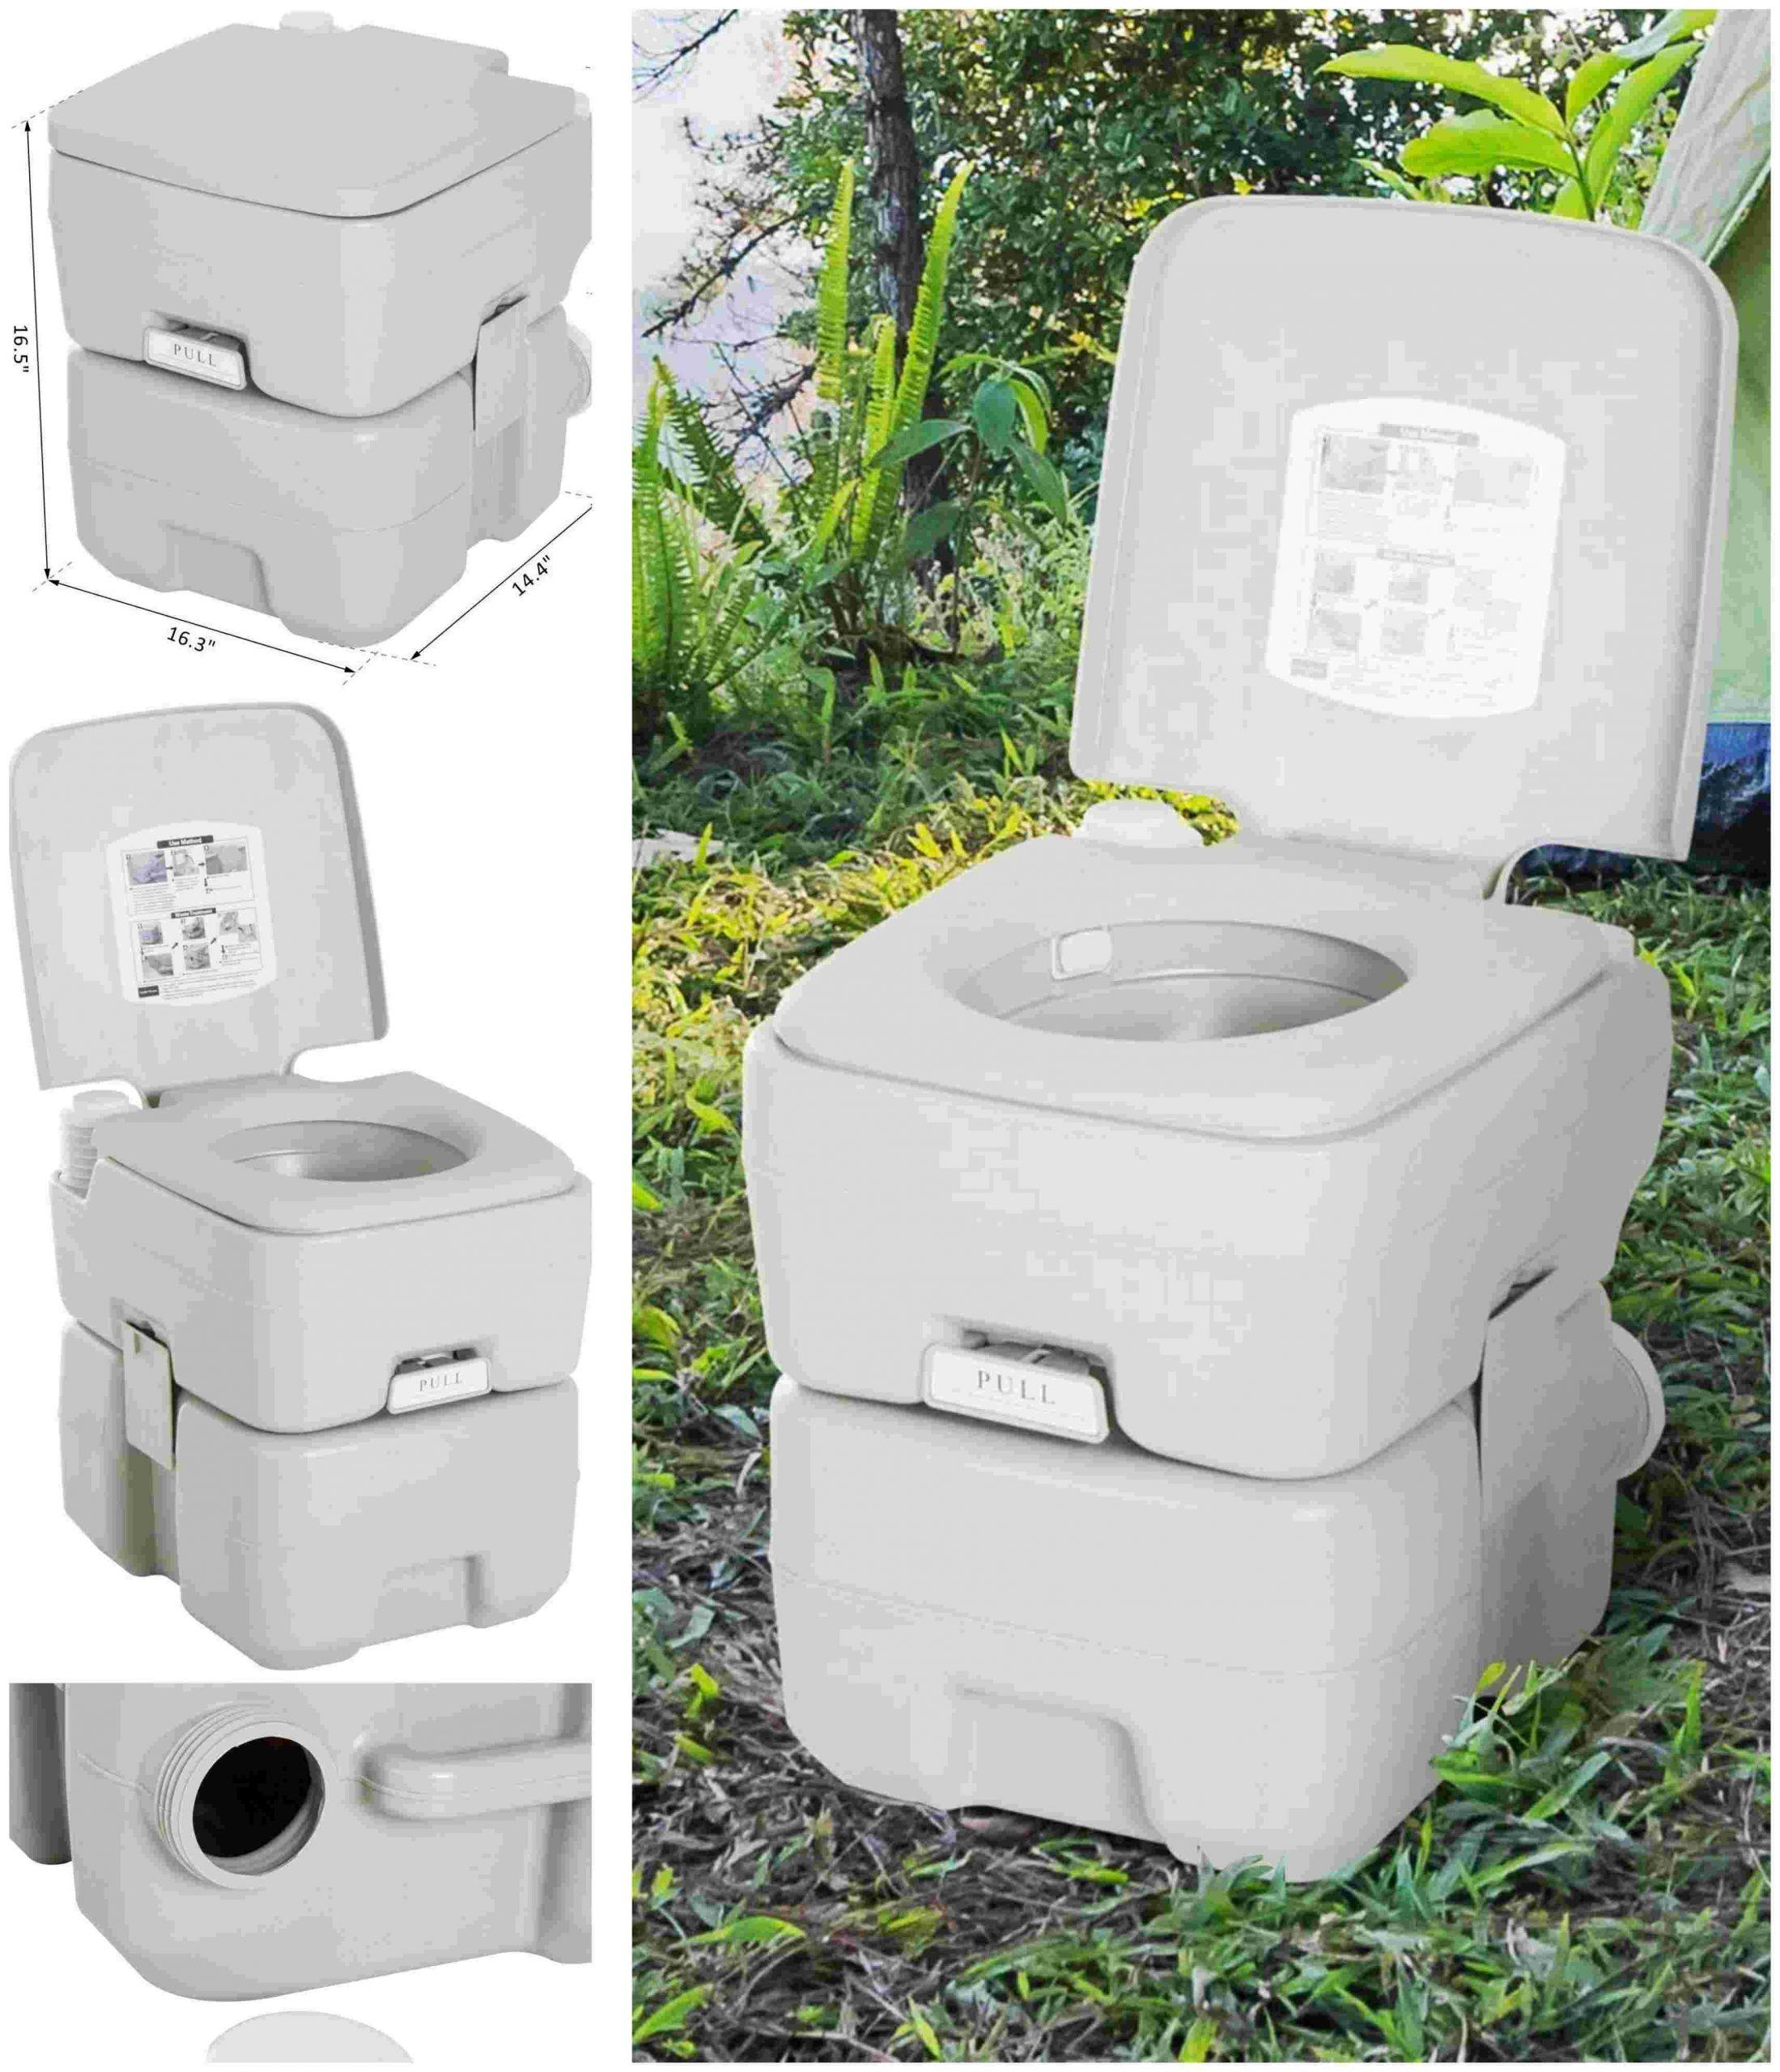 uno-de-los-baños-quimicos-mas-vendidos-modelo-kleankin-20-litros